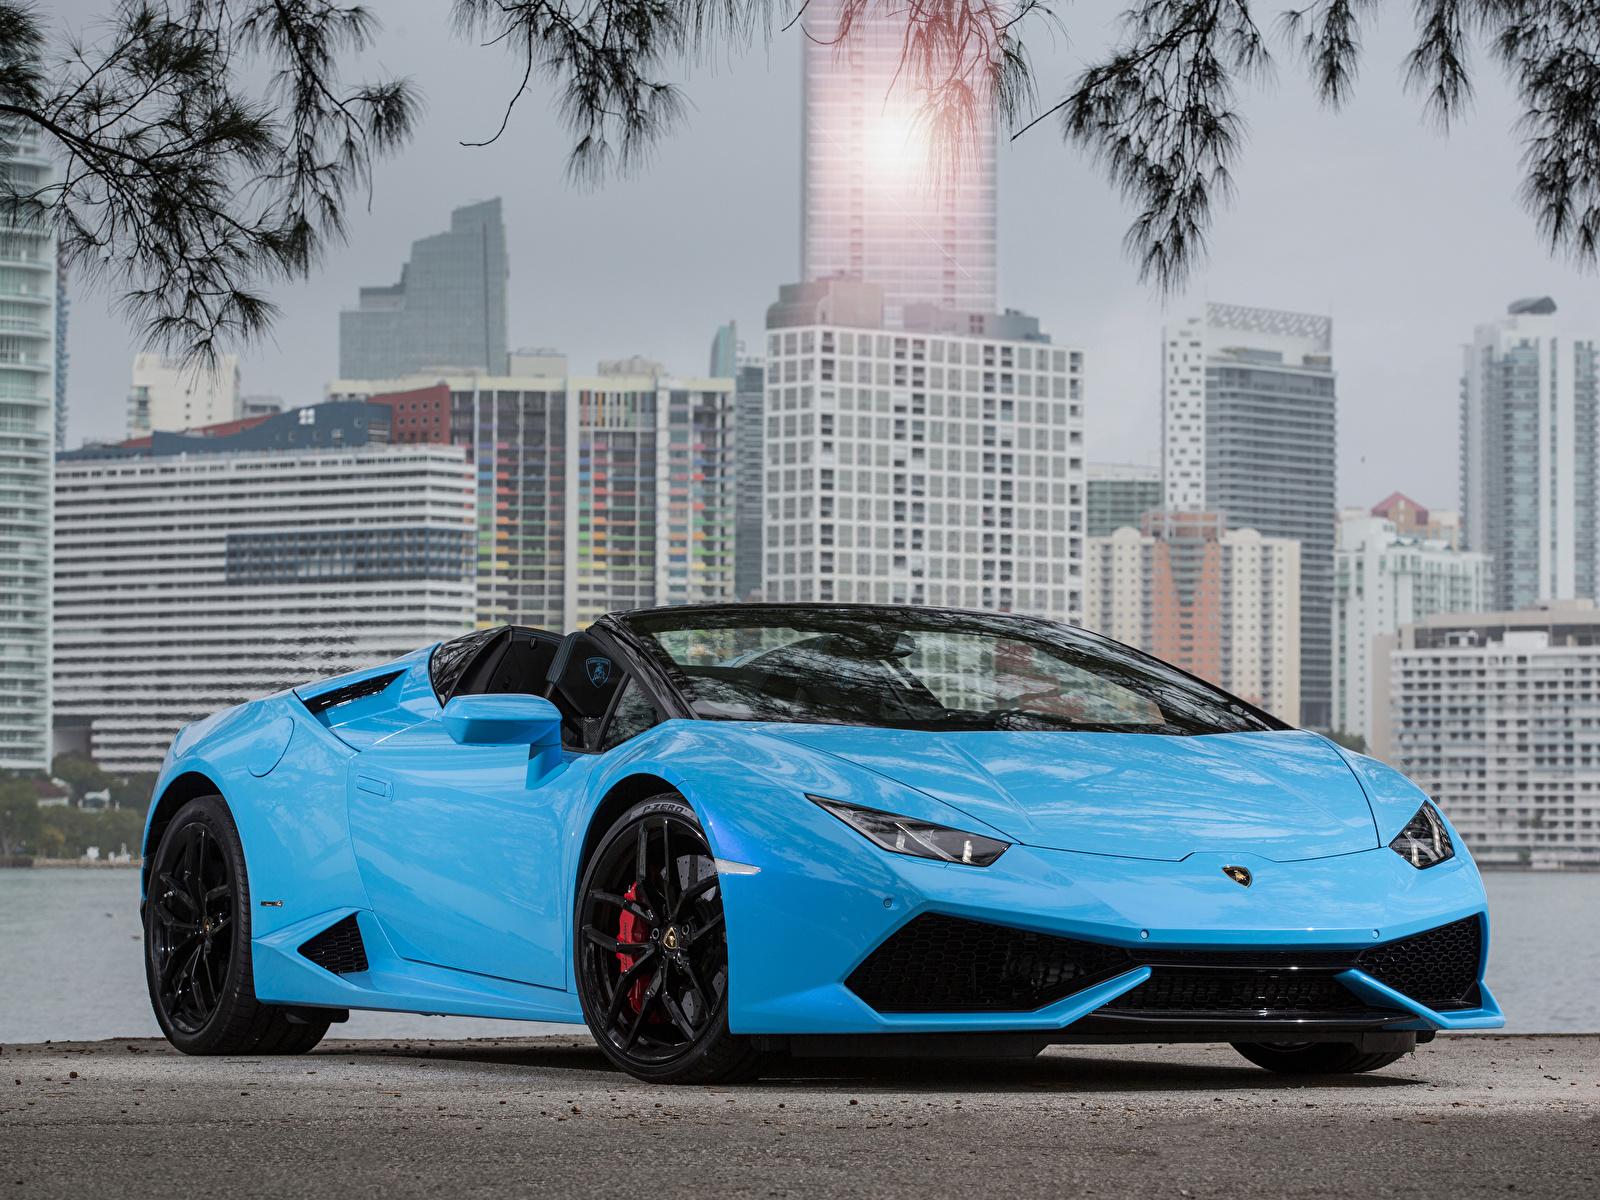 Фотографии Lamborghini 2015-19 Huracan LP 610-4 Spyder Worldwide Родстер голубая Металлик Автомобили 1600x1200 Ламборгини голубых голубые Голубой авто машина машины автомобиль